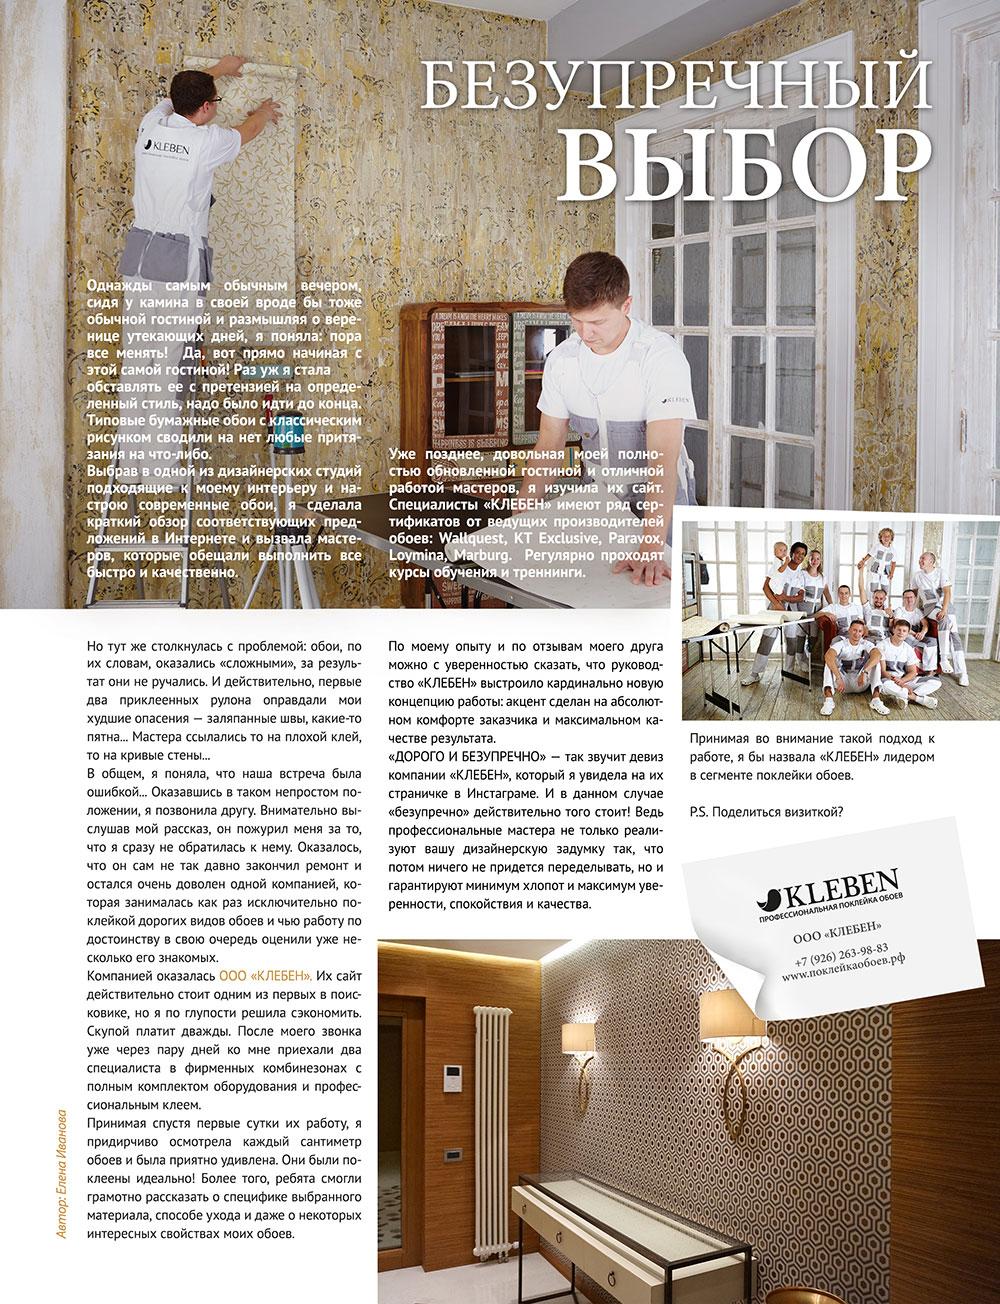 страница статьи в журнале Красивые квартиры